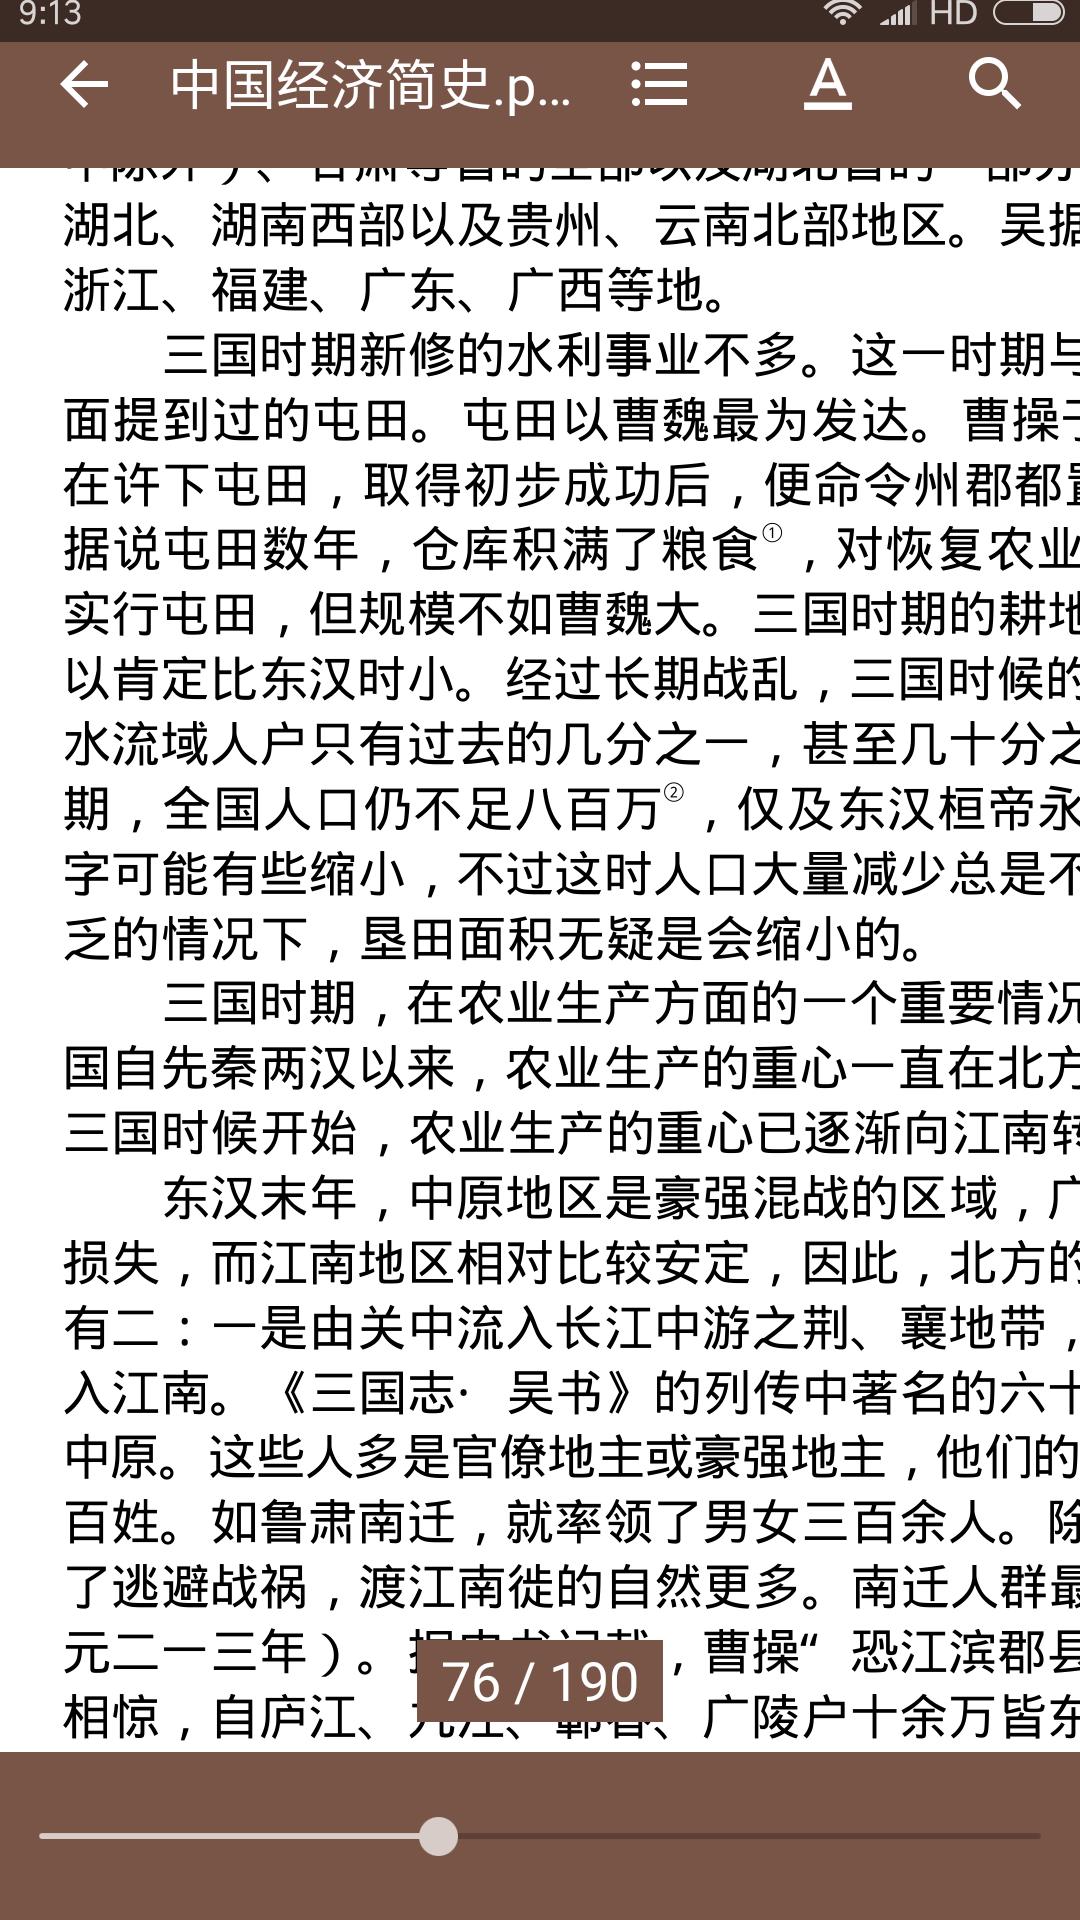 PDF易读截图